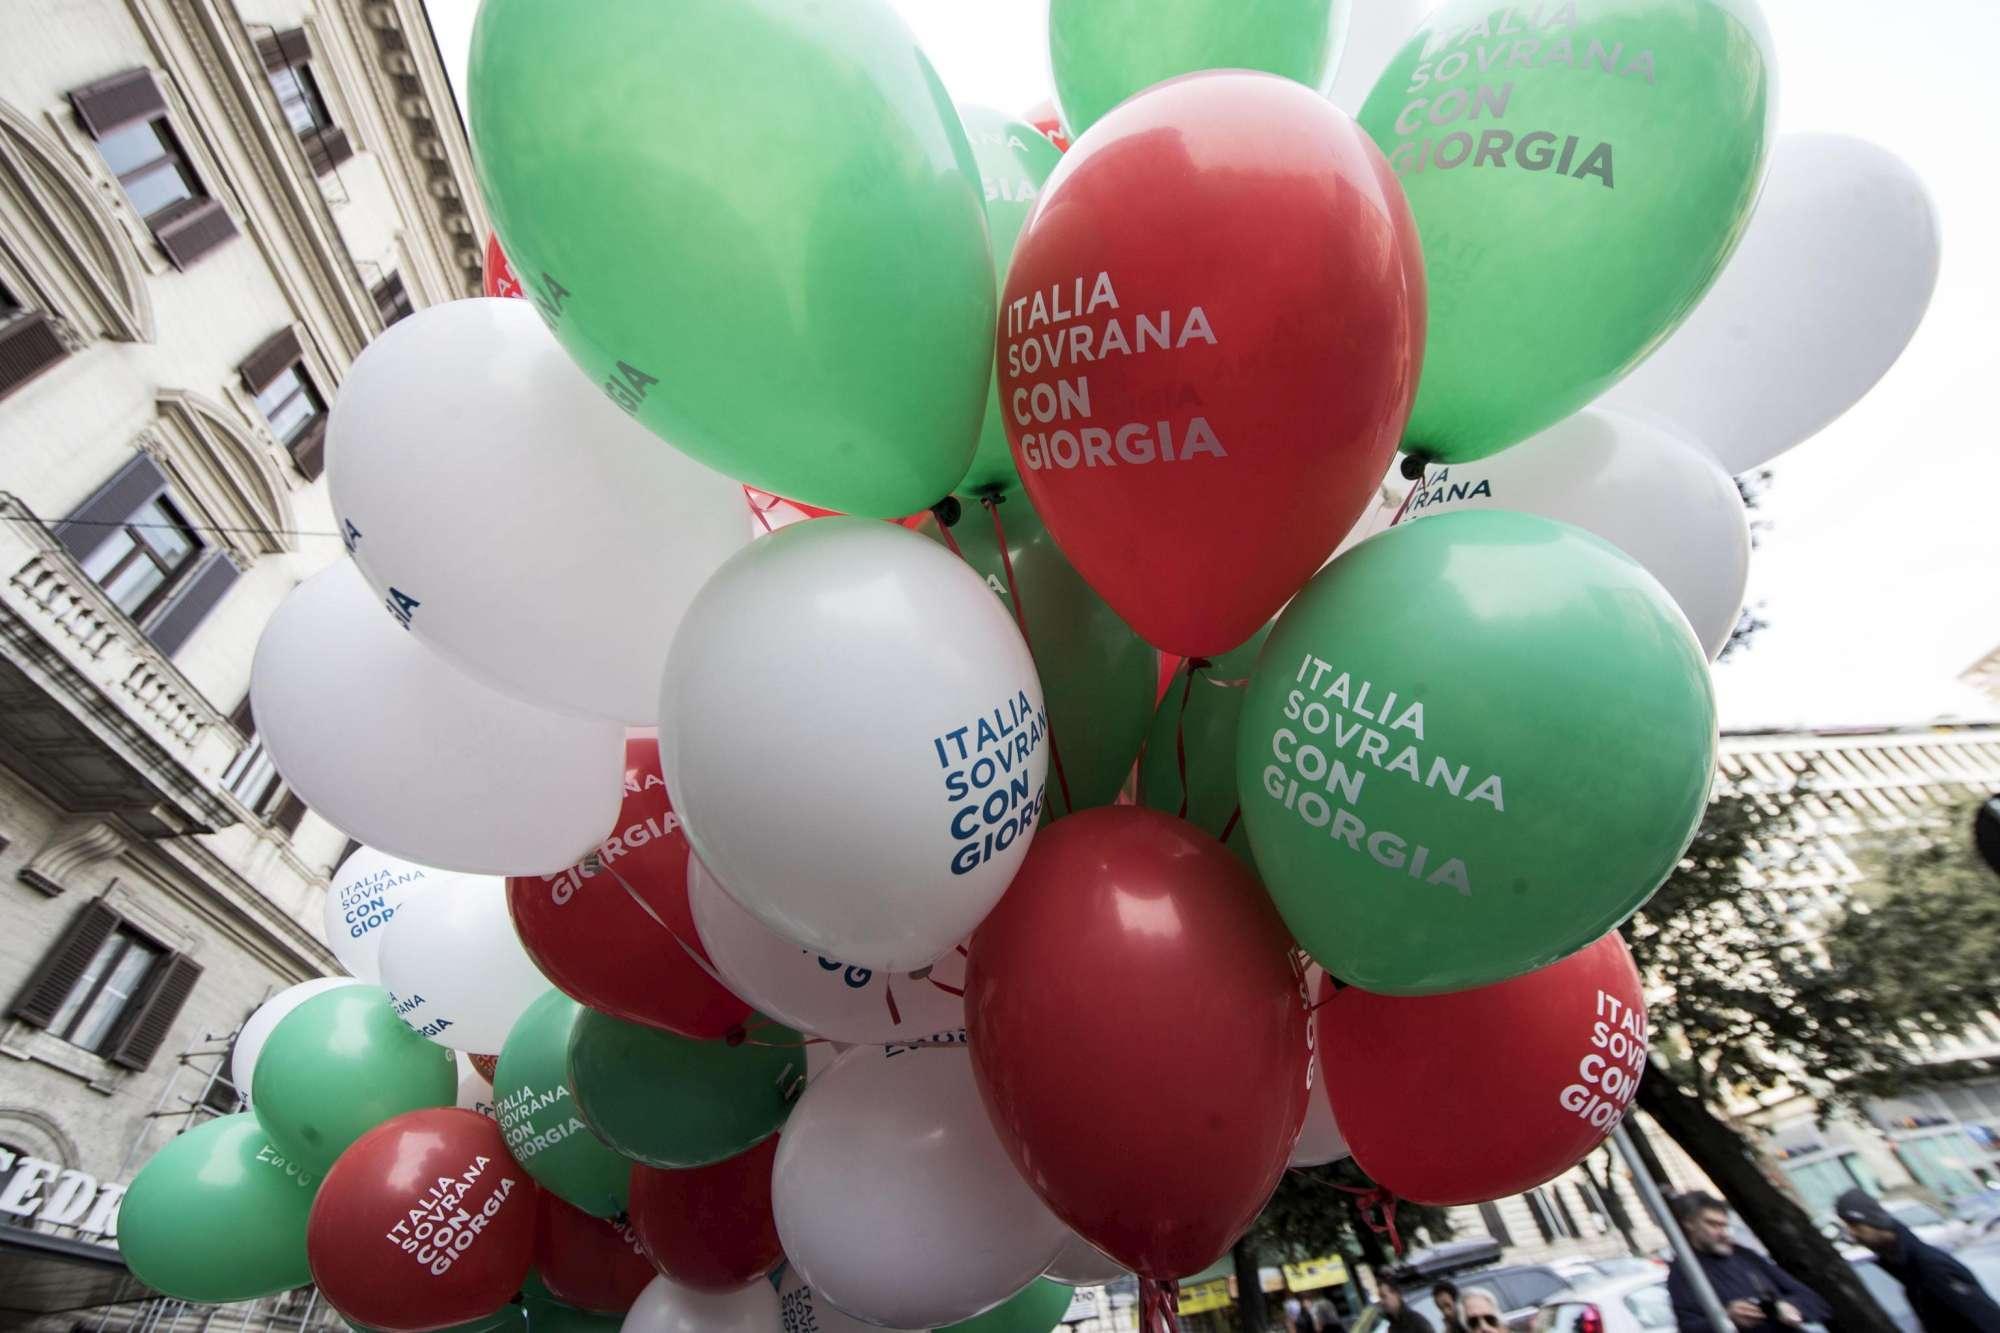 Salvini e Meloni chiamano la piazza: subito al voto - diretta